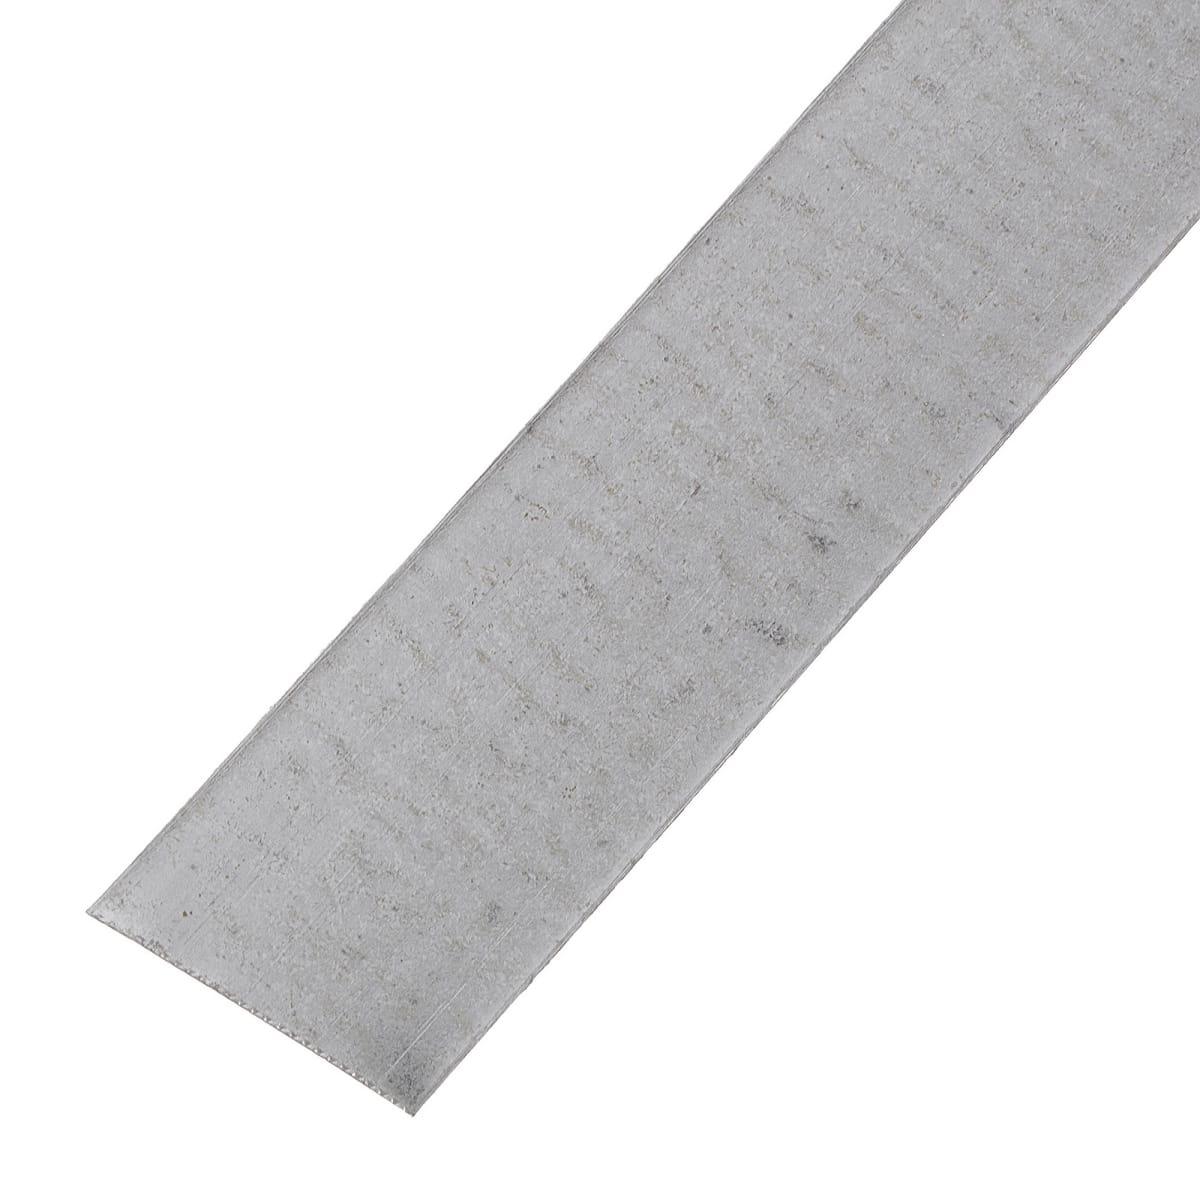 Лента без перфорации для рубероида 0.5x20 мм, 5 м